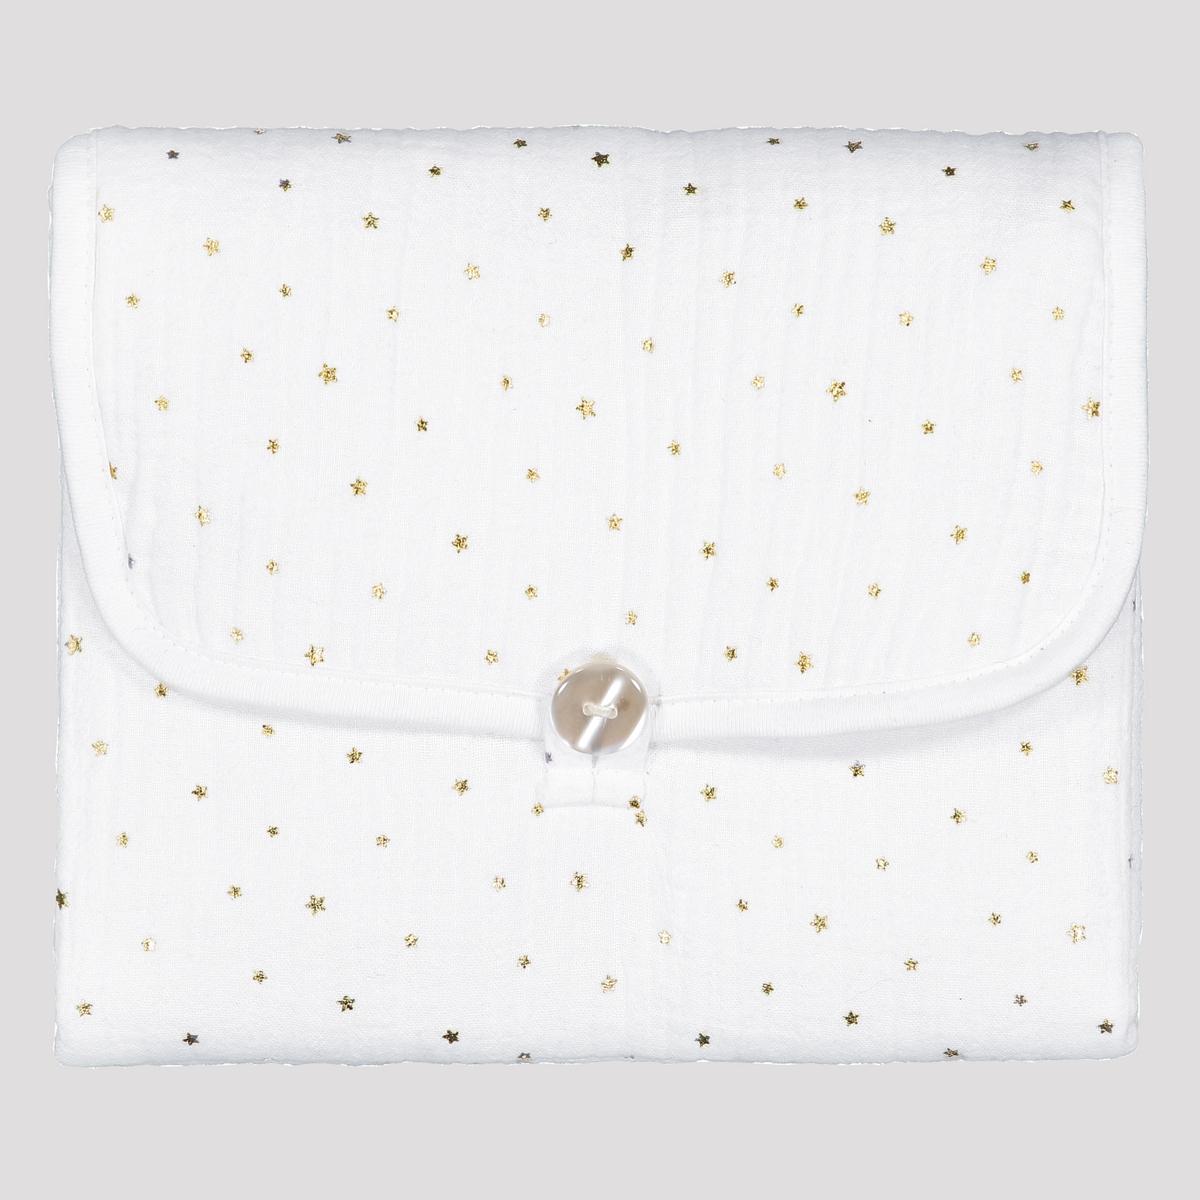 Матрас La Redoute Для пеленания из хлопчатобумажной газовой ткани Kumla со звездами единый размер белый хлопок эпохи purcotton детей клип хлопчатобумажной ткани является хорошим другом 120x150cm мешок